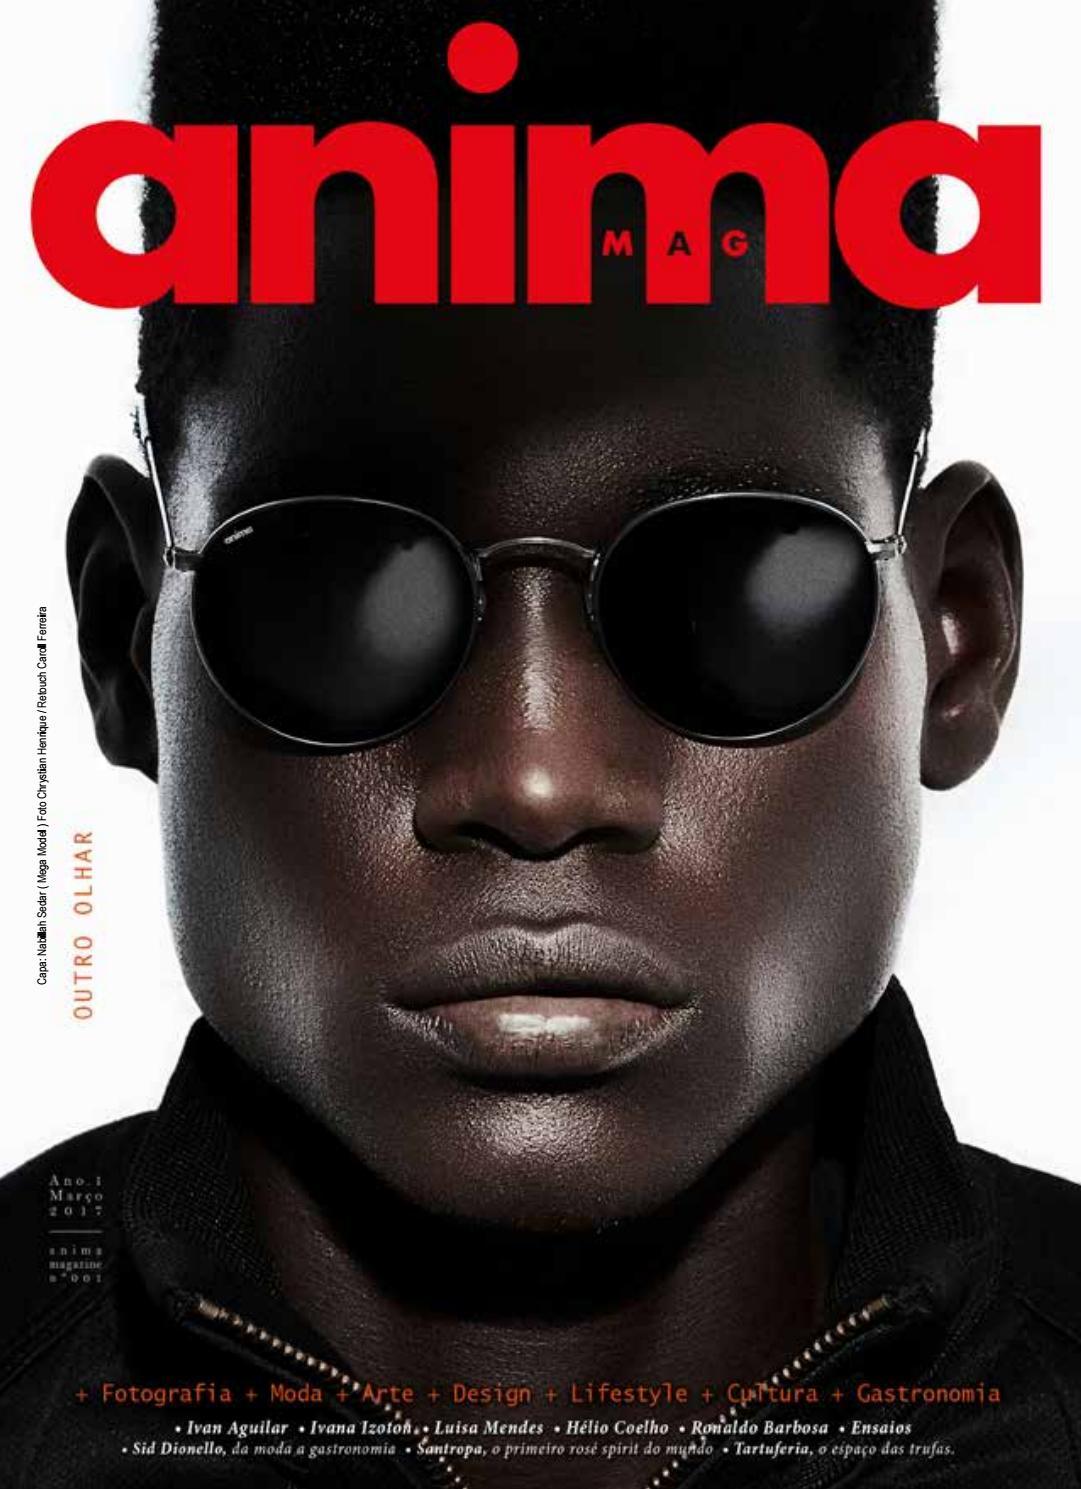 Revista Anima — Edição 1 — Março 2017 by Turismoria  João Zuccaratto - issuu 2a4328bc63